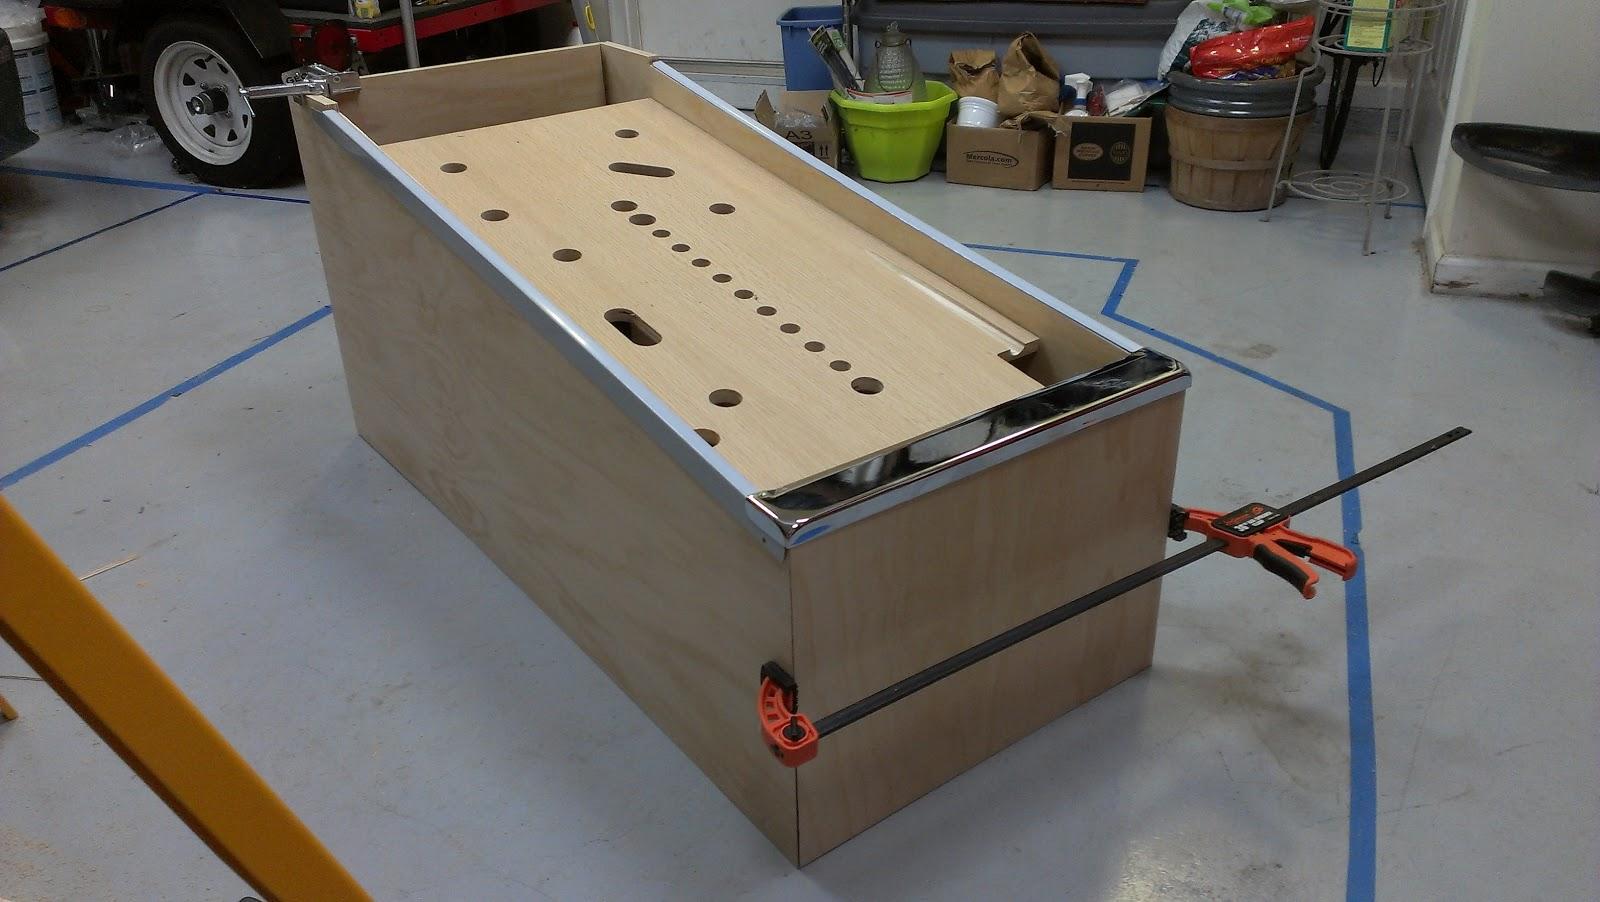 diy pinball machine